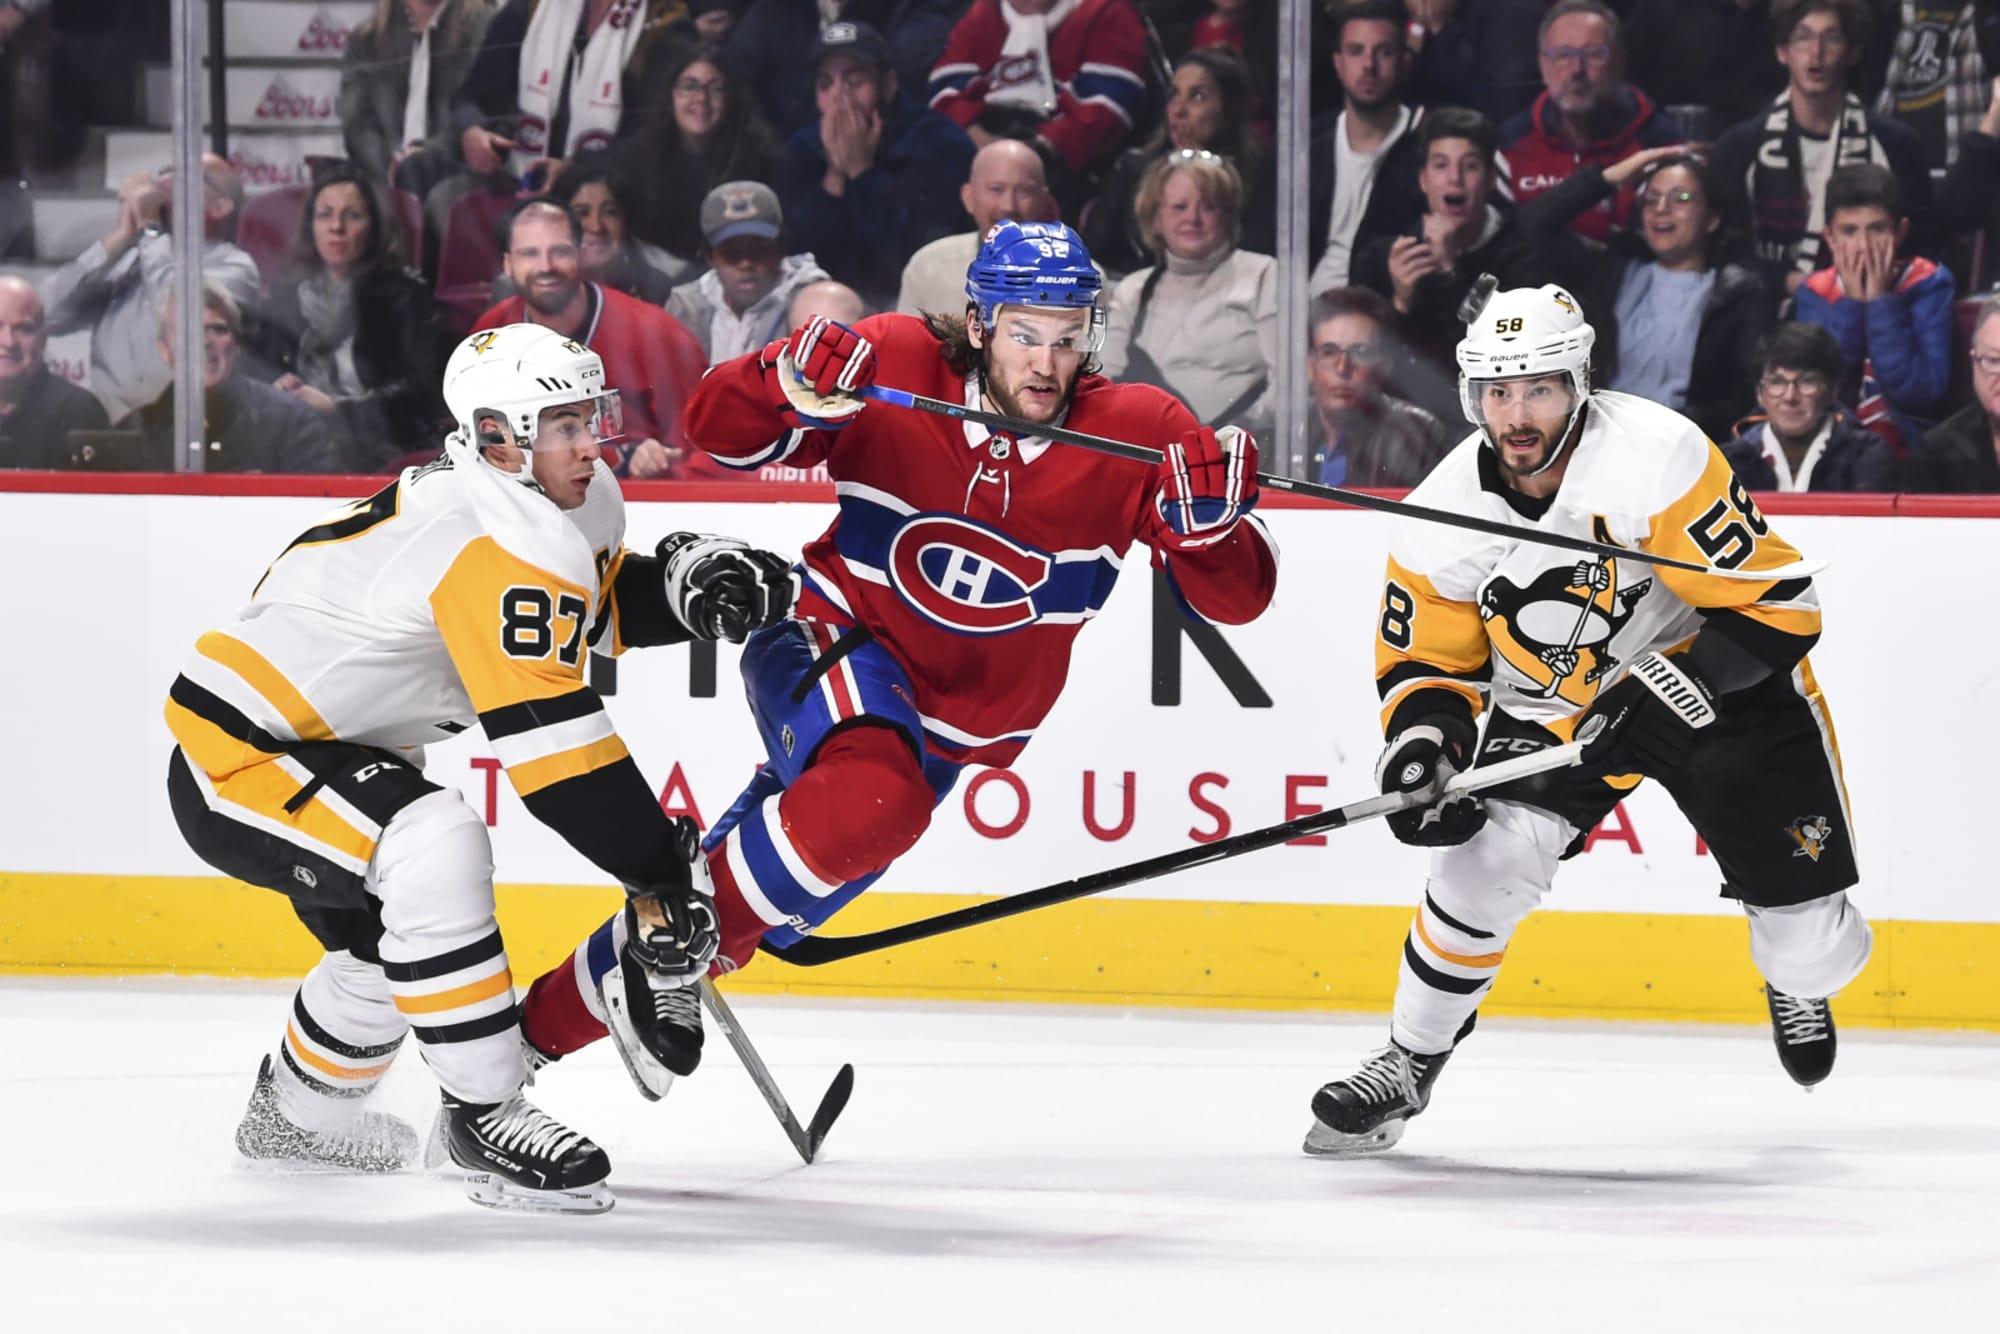 Les Canadiens pour la Coupe? Vous pourriez remporter 71x votre investissement!